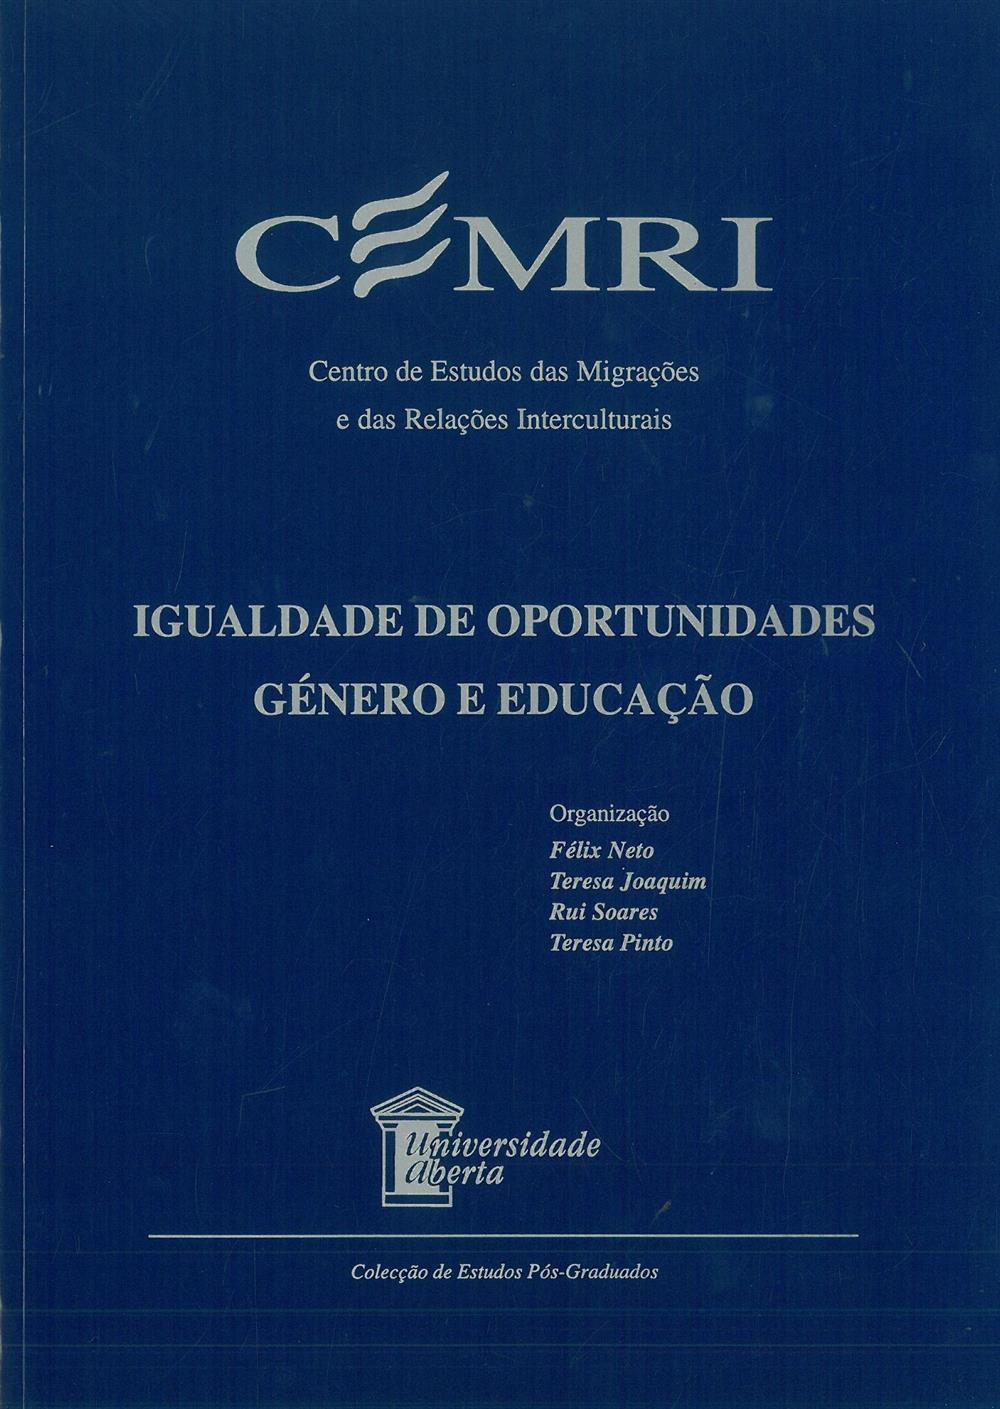 Igualdade de oportunidades_género e educação.jpg